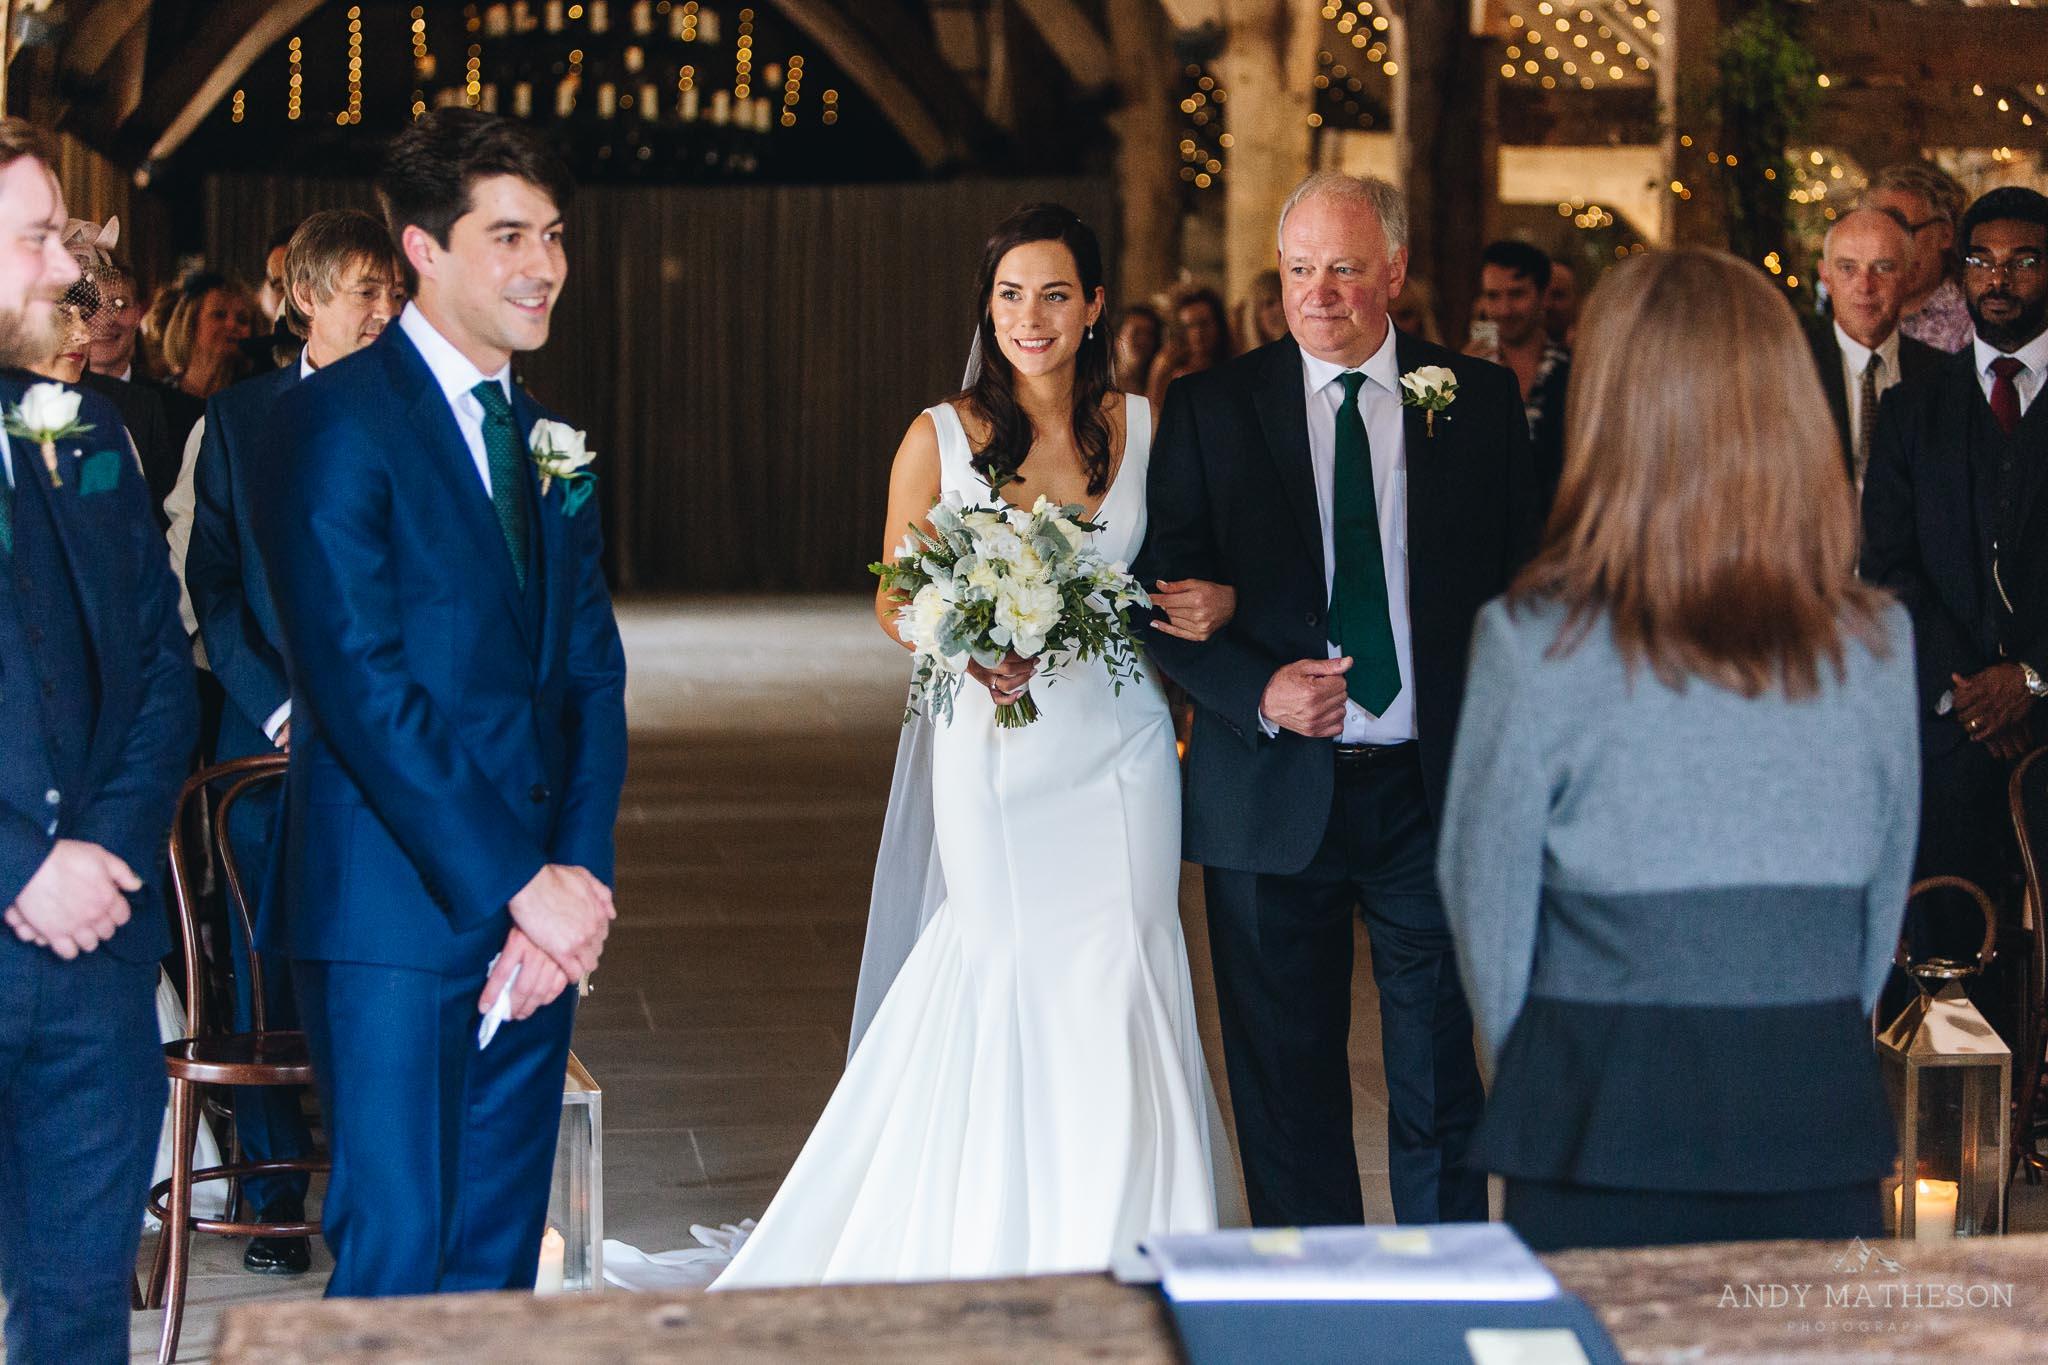 Tithe Barn Bolton Abbey Wedding Photographer_Andy Matheson_032.jpg